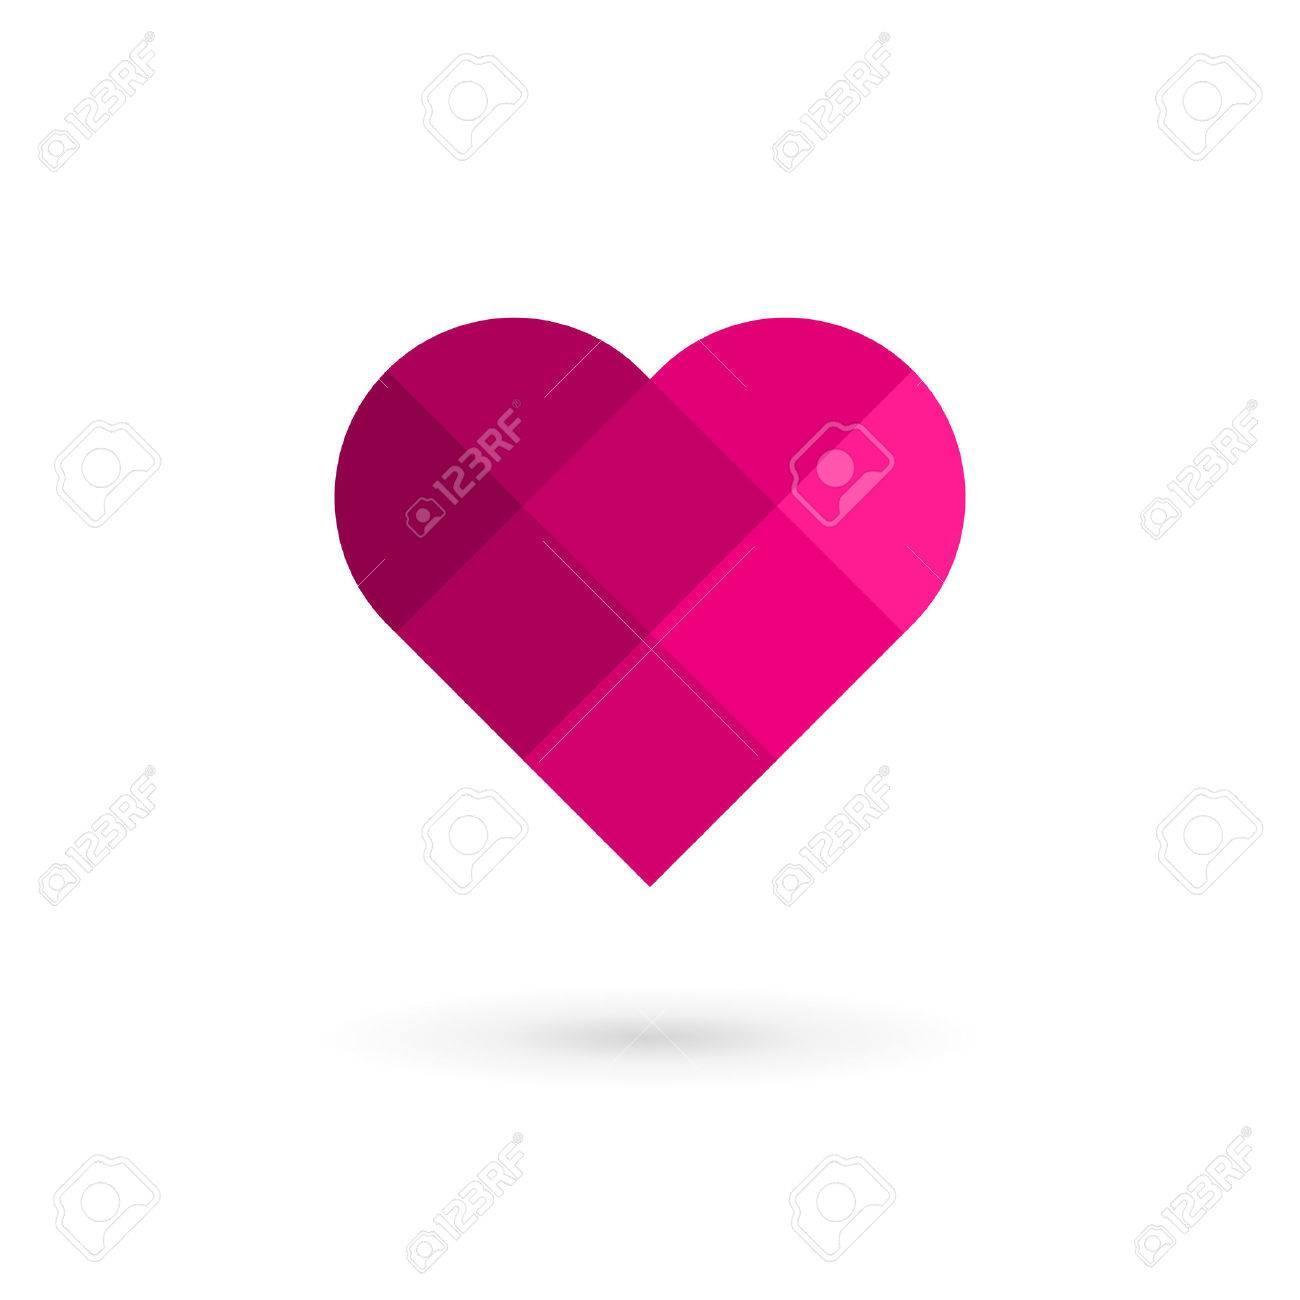 cuore al servizio di incontri di cuore